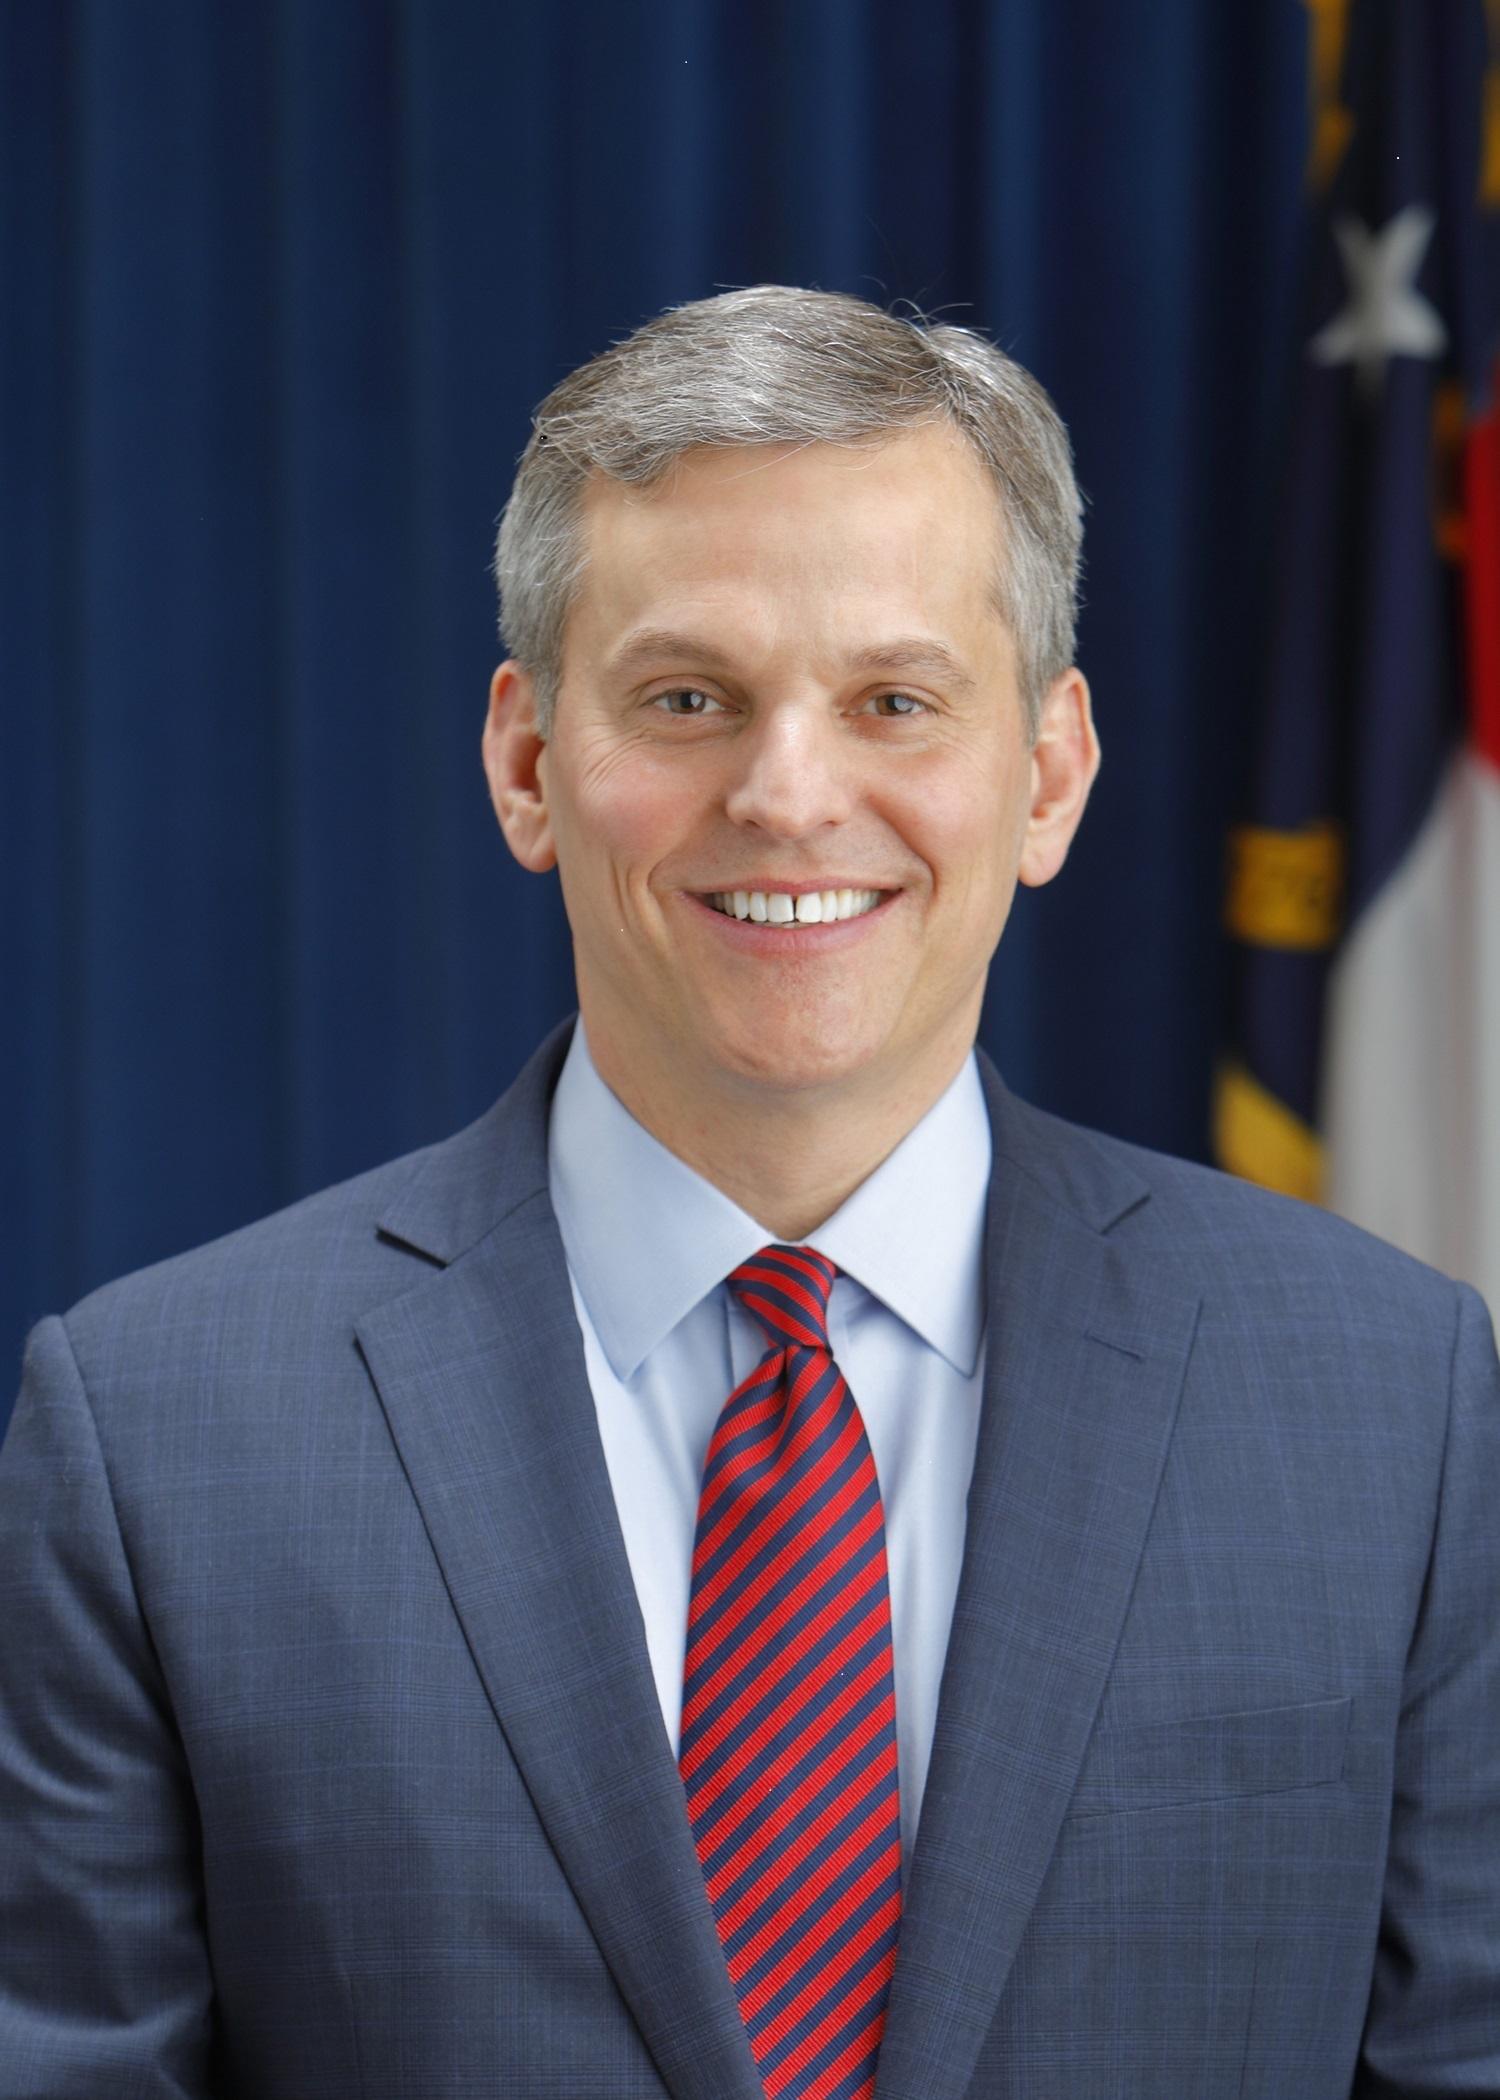 NC Attorney General, Josh Stein